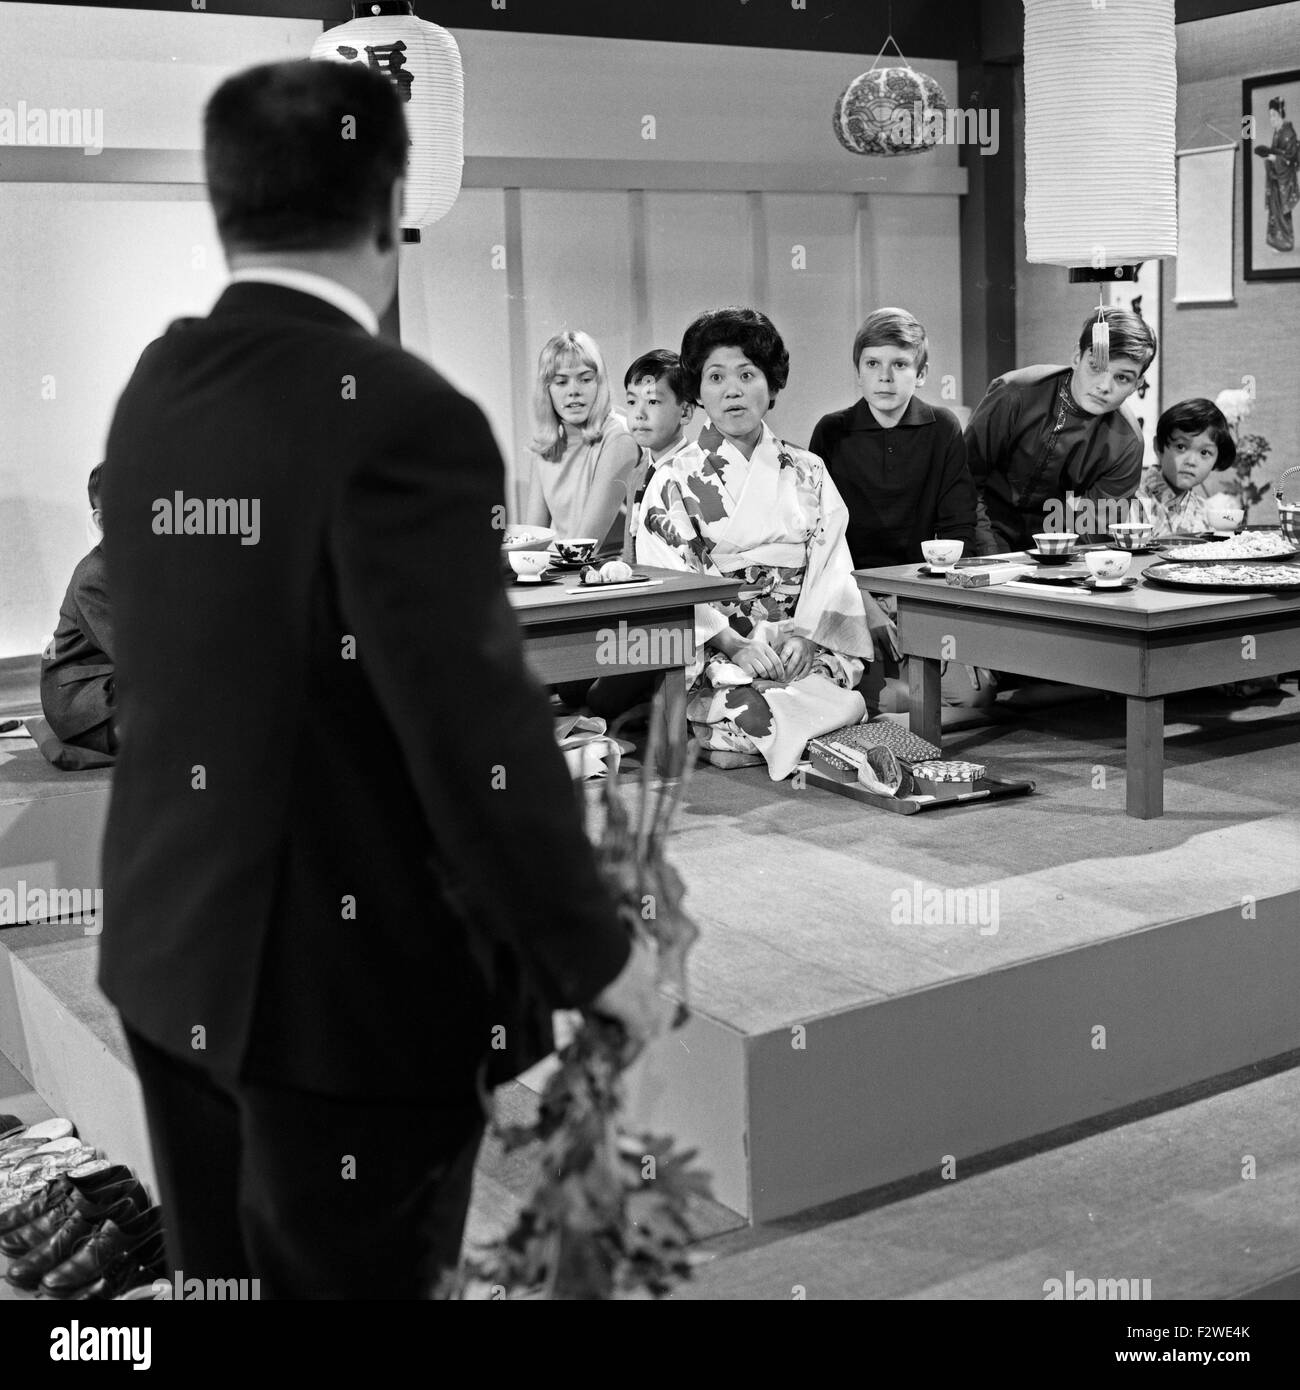 Epdisode '... bei den Japanern' aus der ZDF Fernsehserie 'Hallo Freunde', Deutschland 1968, Szenenfoto - Stock Image